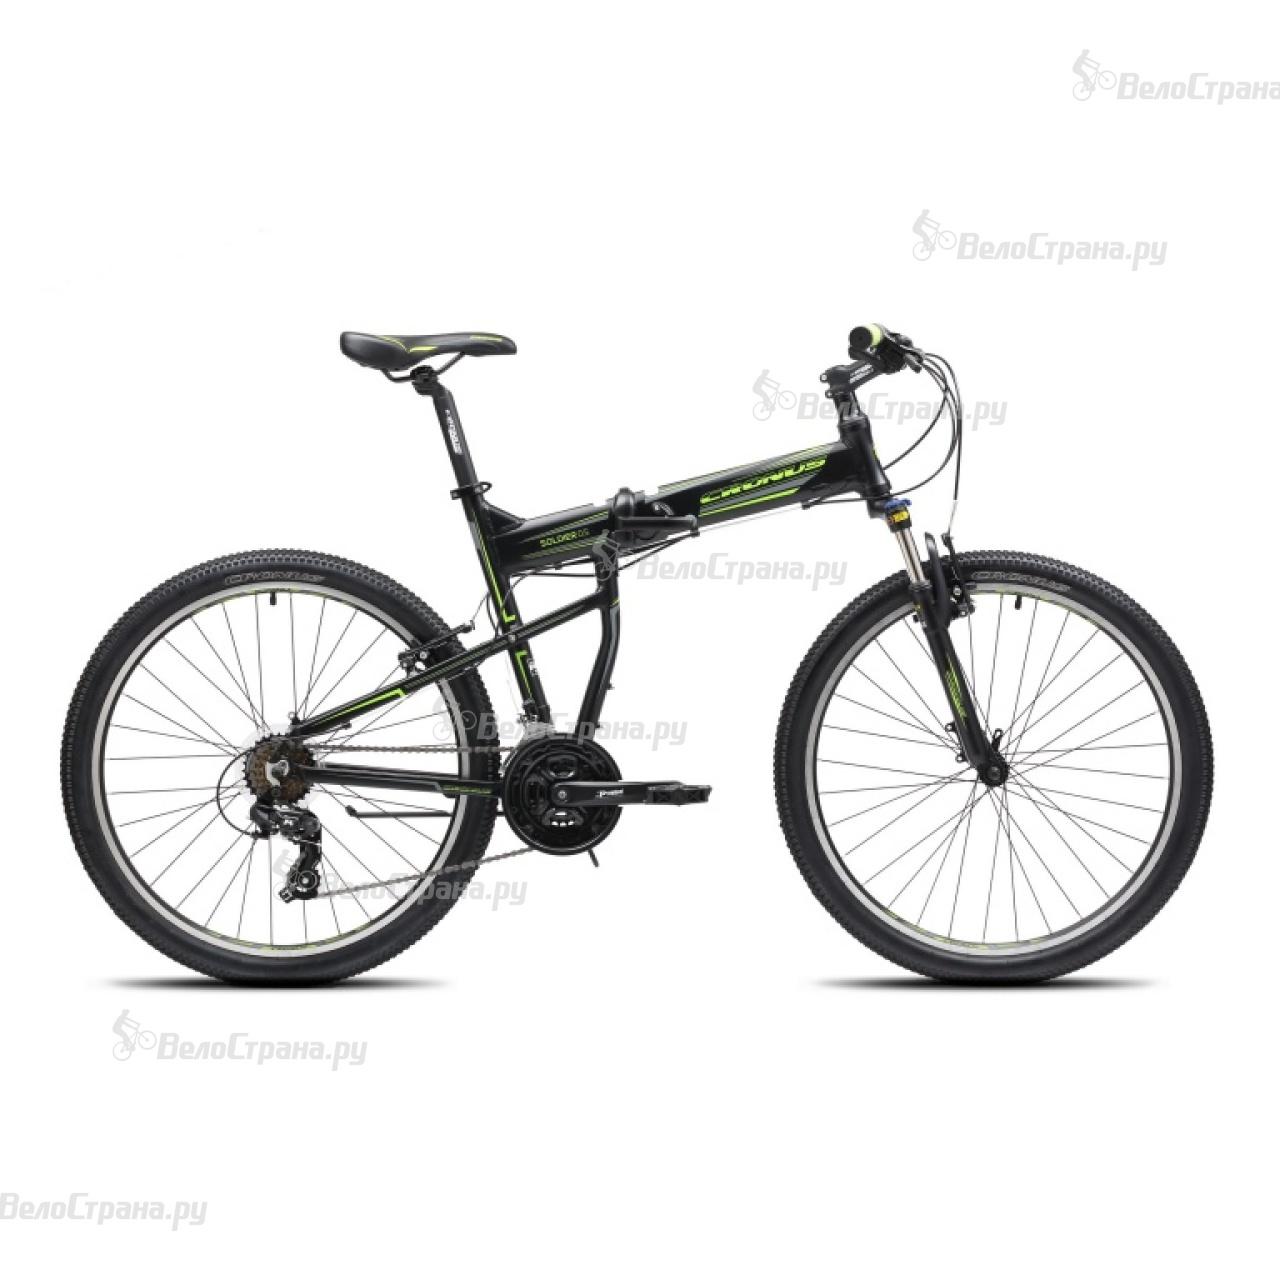 Велосипед Cronus Soldier 0.5 (2017) бампер задний ваз 2112 купить в киеве